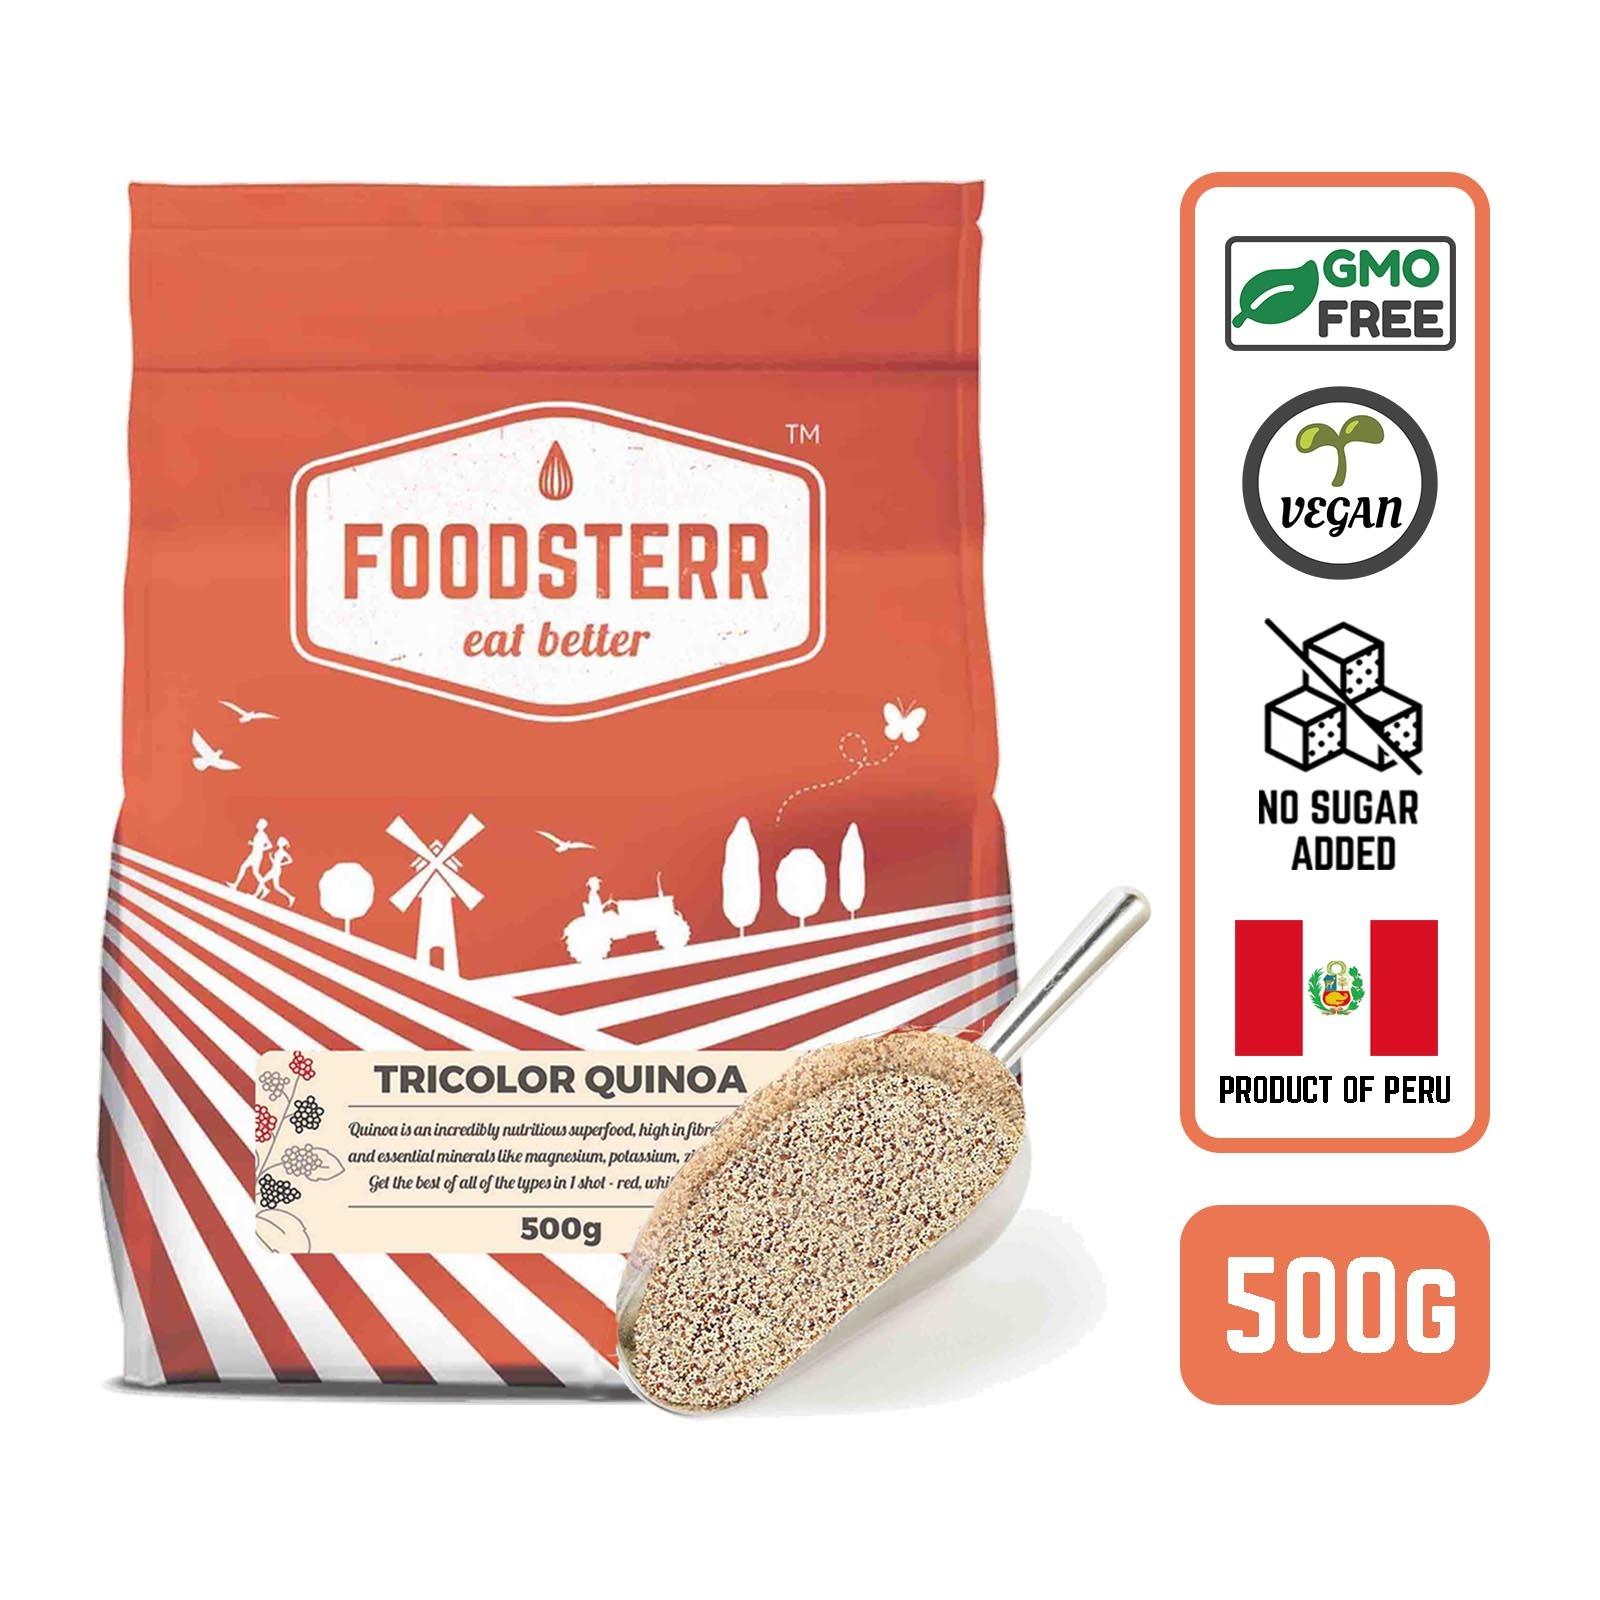 Foodsterr Peruvian Tri-color Quinoa